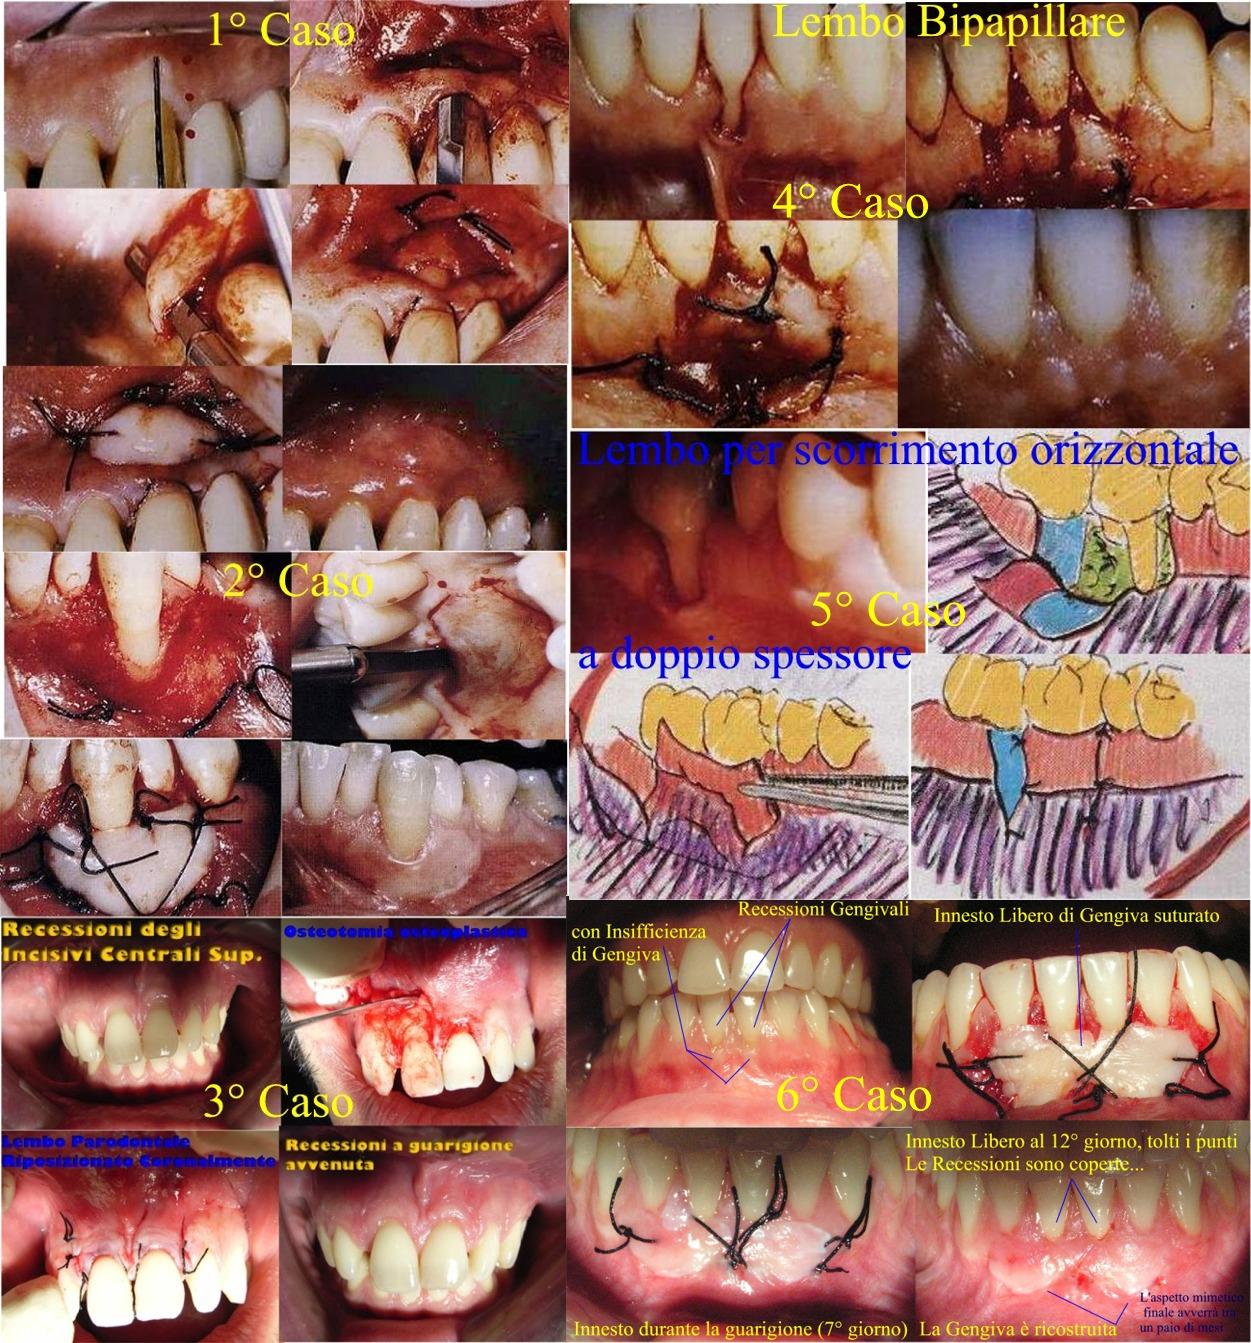 Recessioni Gengivali e varie terapie parodontali delle stesse. Da casistica del Dr. Gustavo Petti Parodontologo di Cagliari